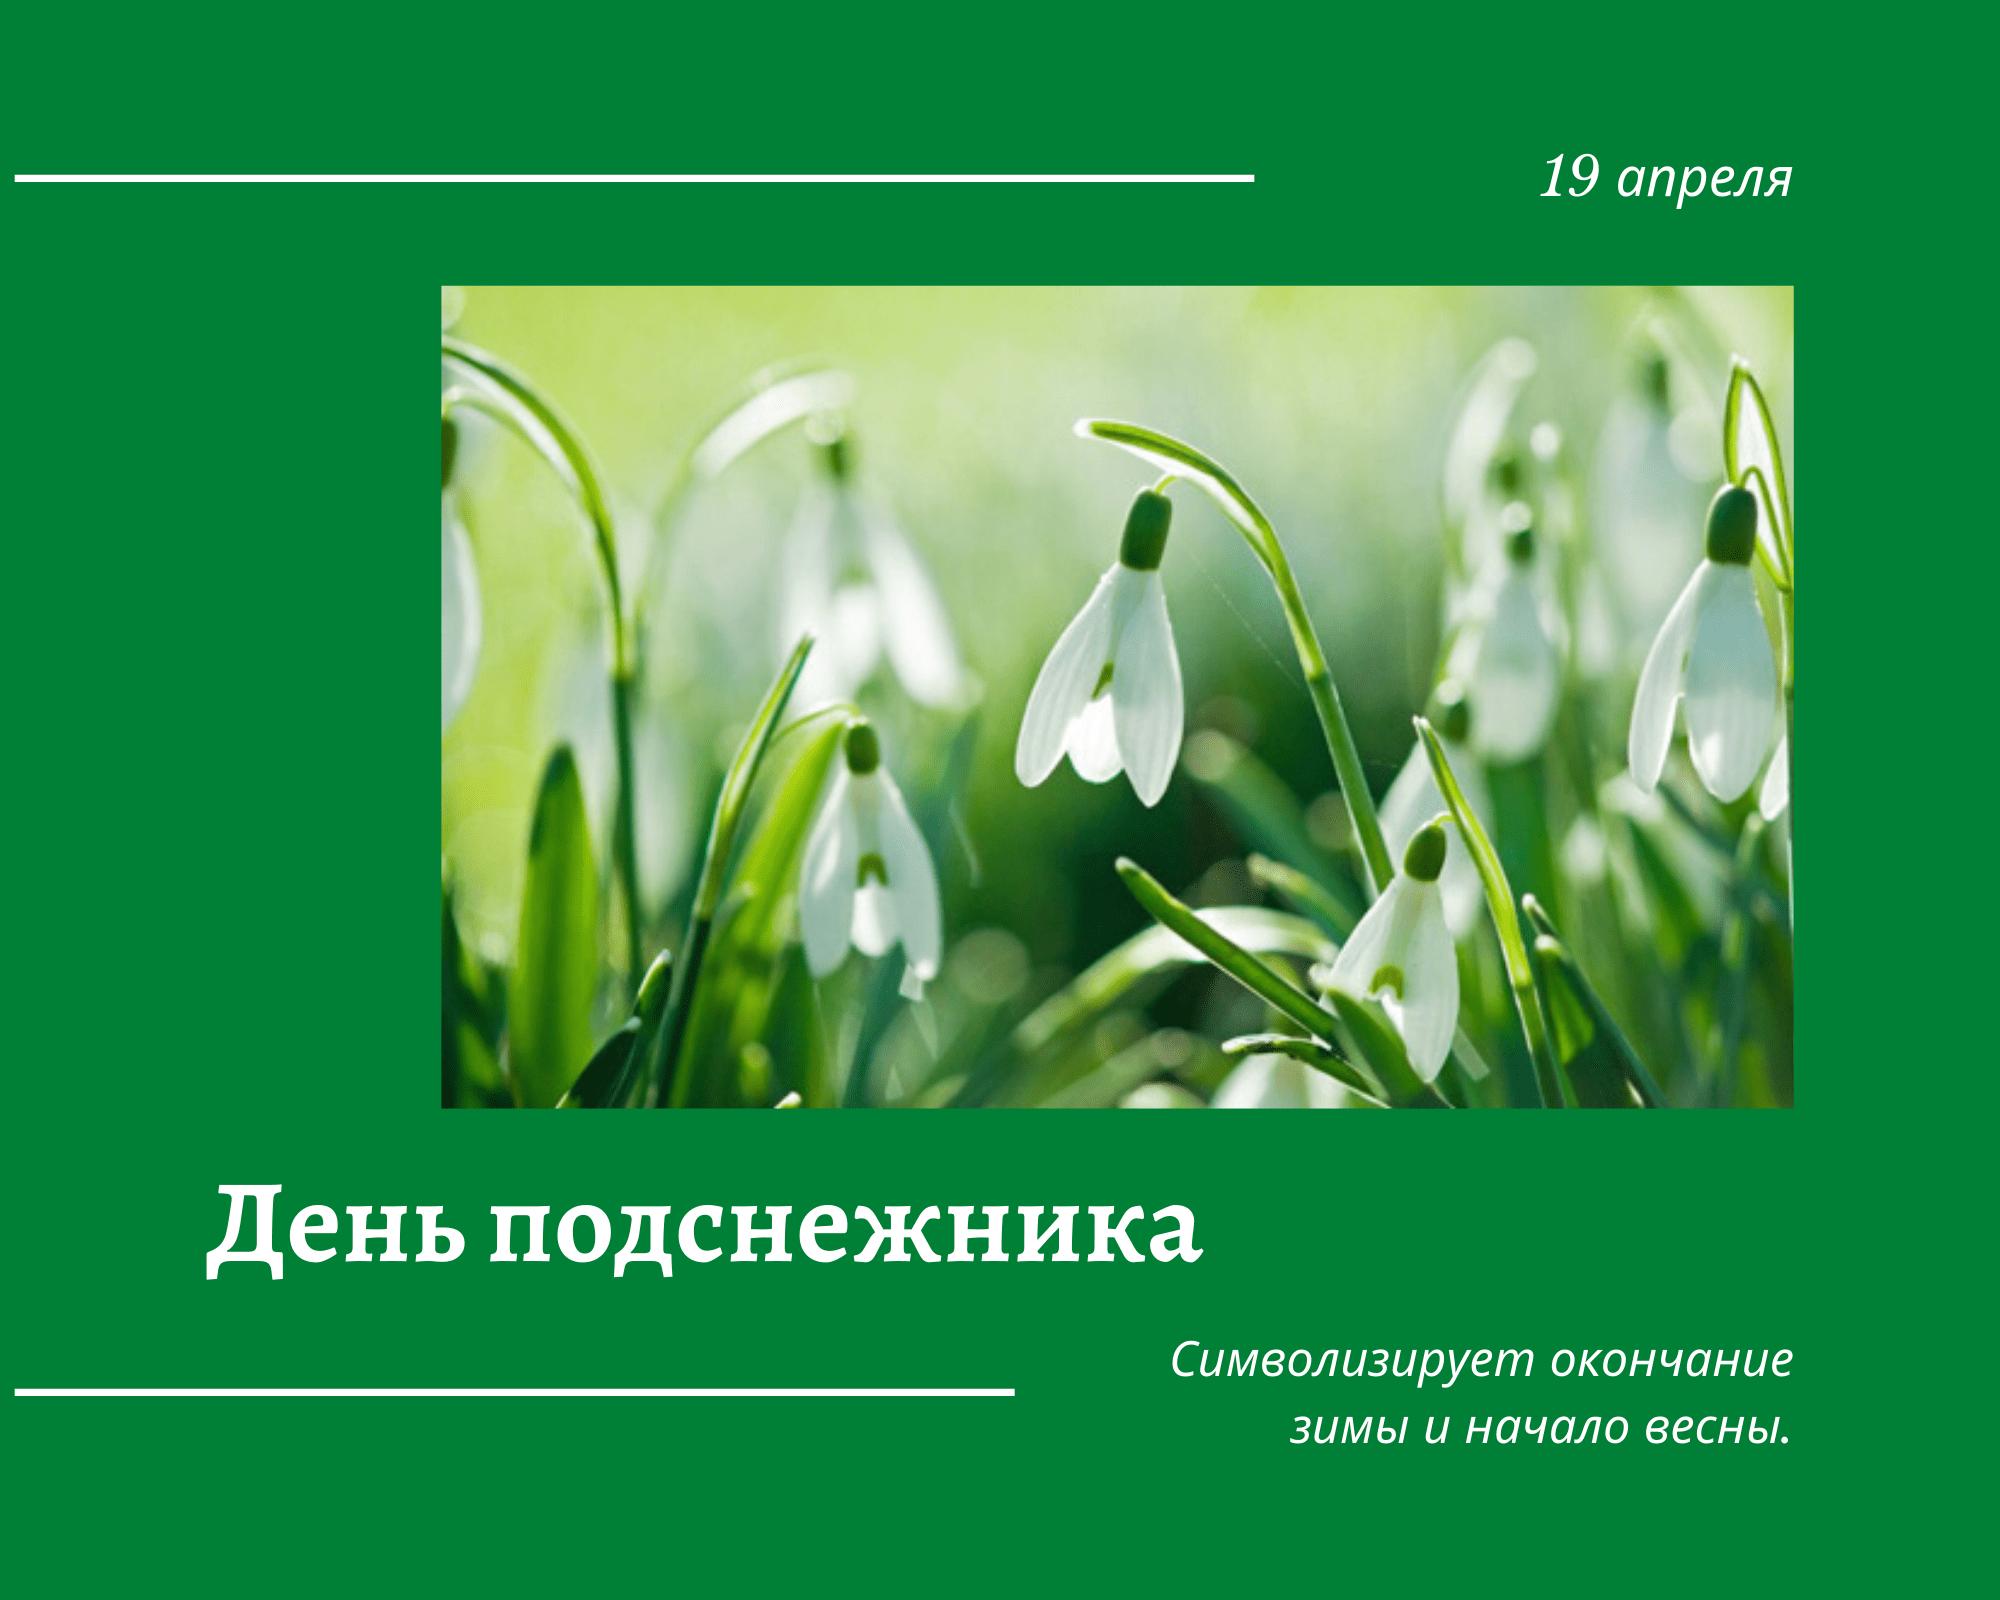 День подснежника. 19 апреля